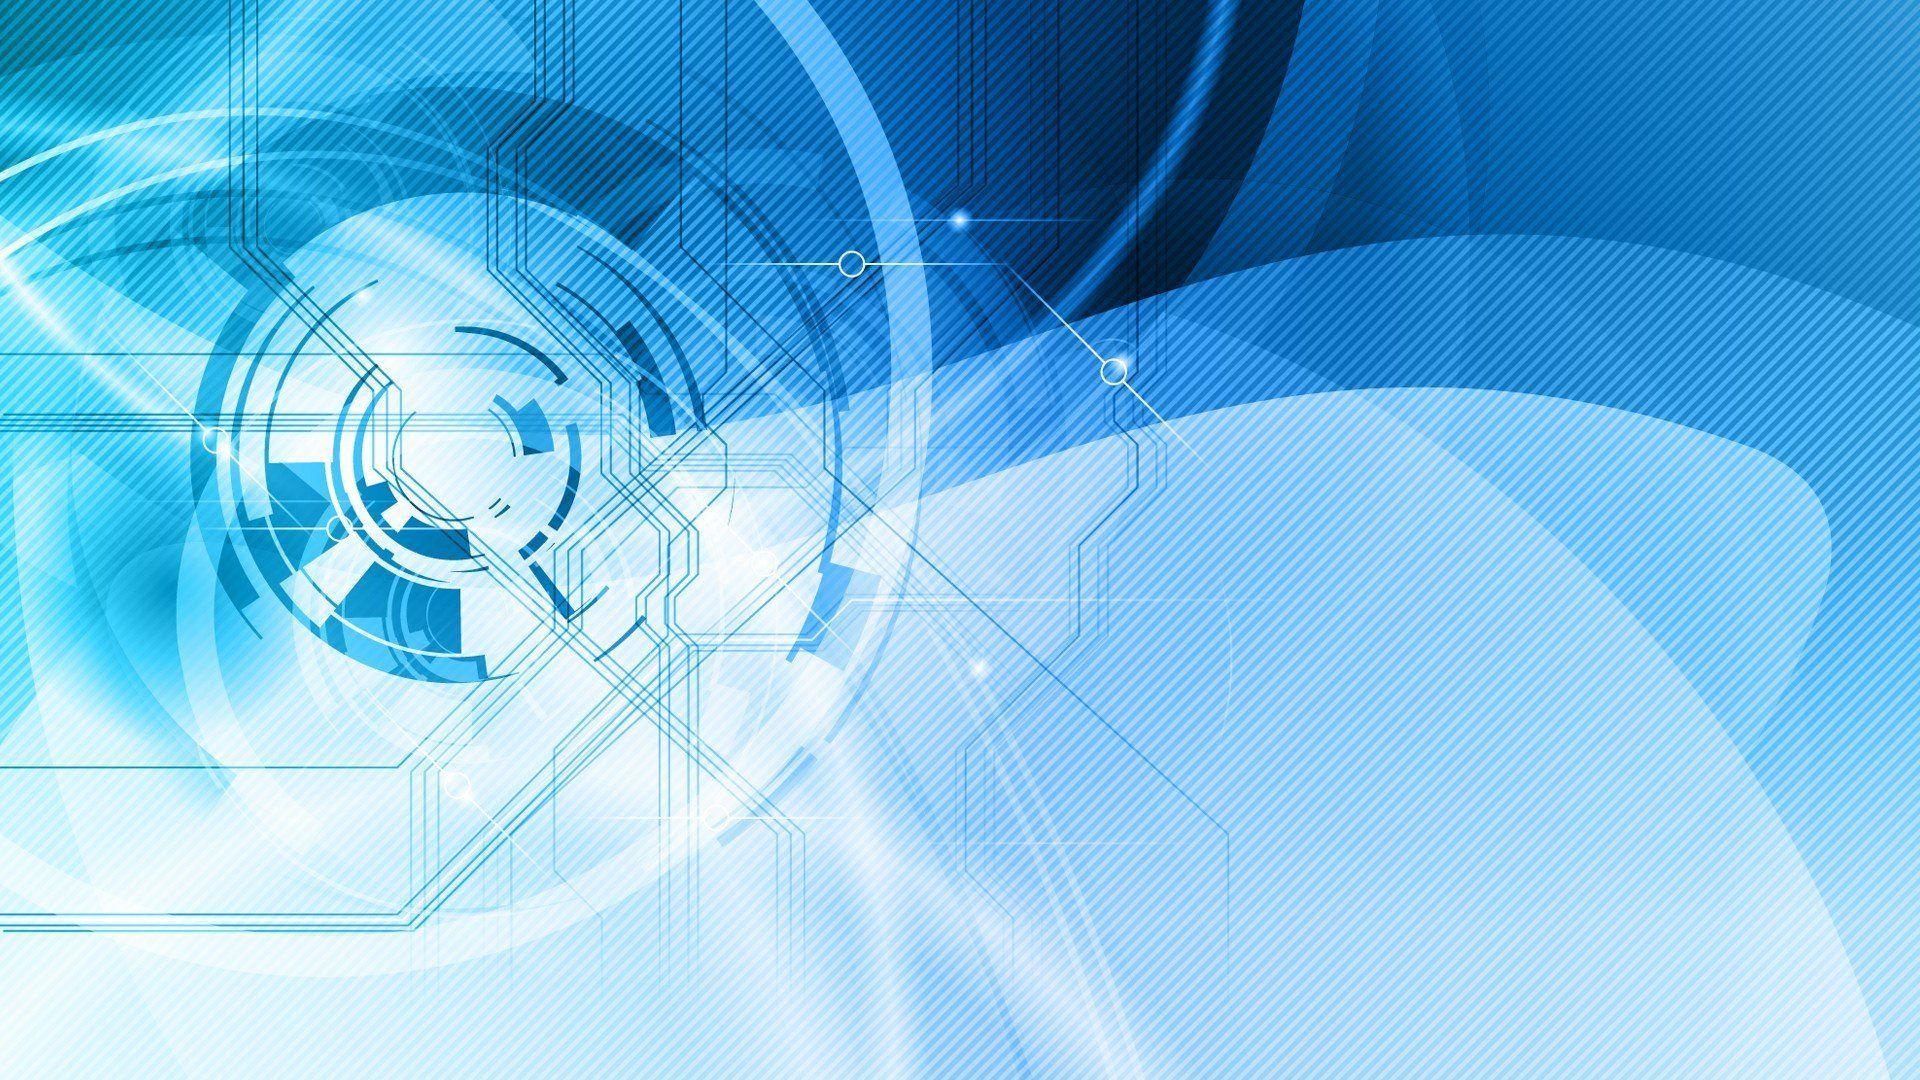 Hình nền powerpoint công nghệ